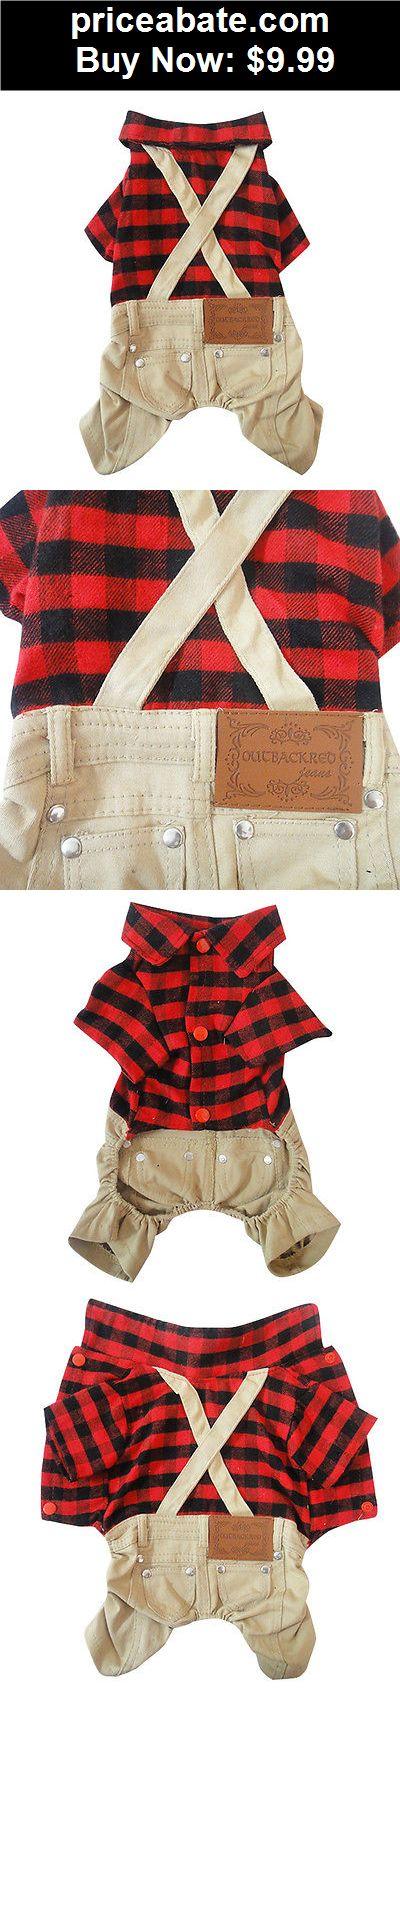 Animals-Dog: Dog Pet Cat Boy Plaid Jumpsuit Coat Jacket Shirt Pet Puppy clothes Apparel - BUY IT NOW ONLY $10.99